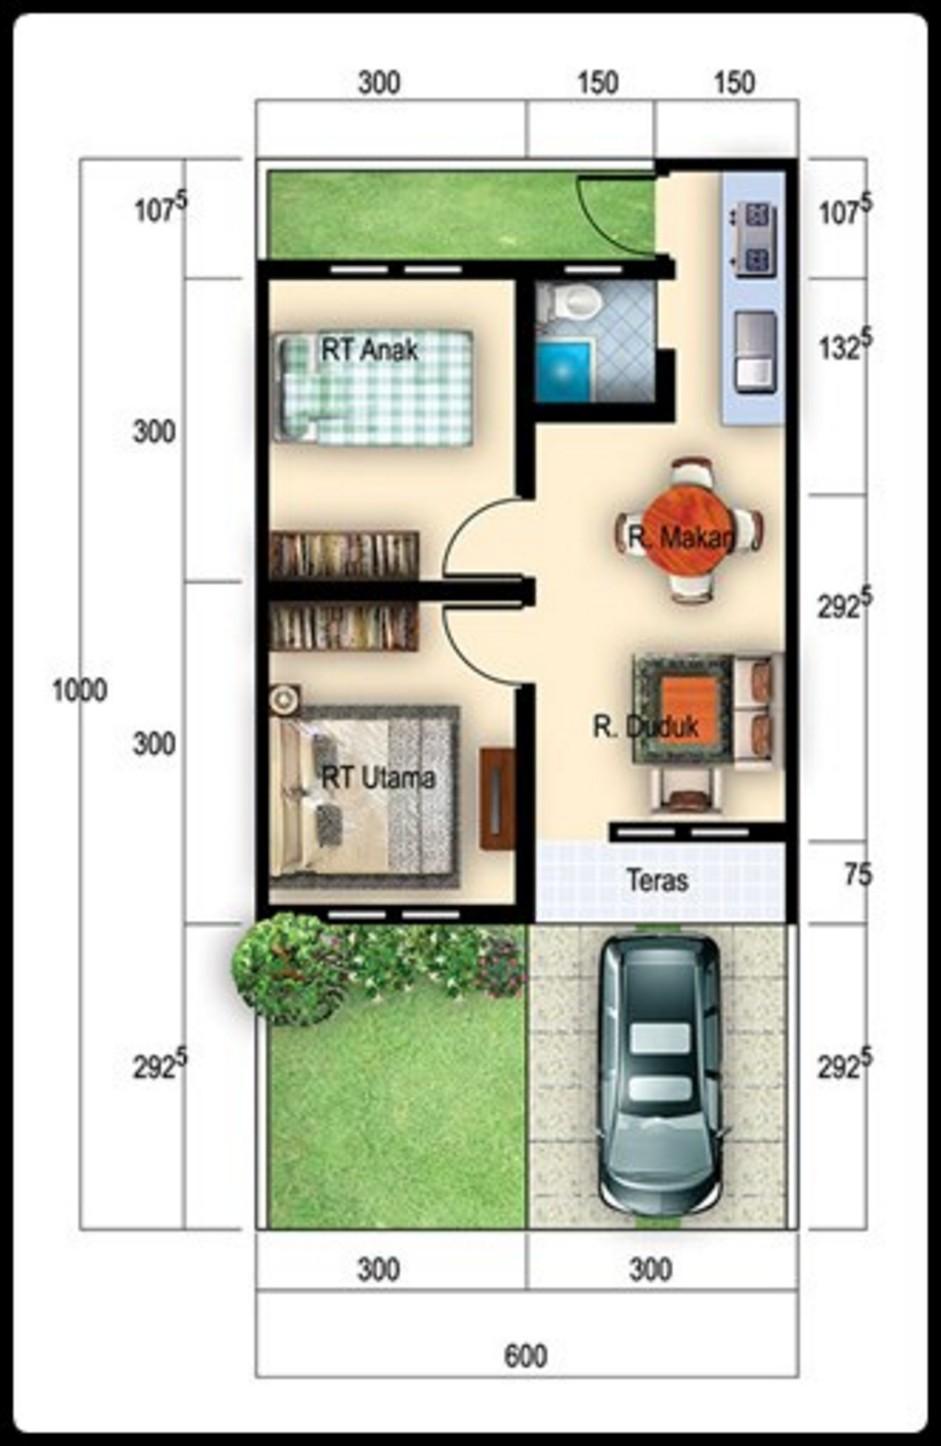 63 Desain Rumah Minimalis Type 27 Terbaru